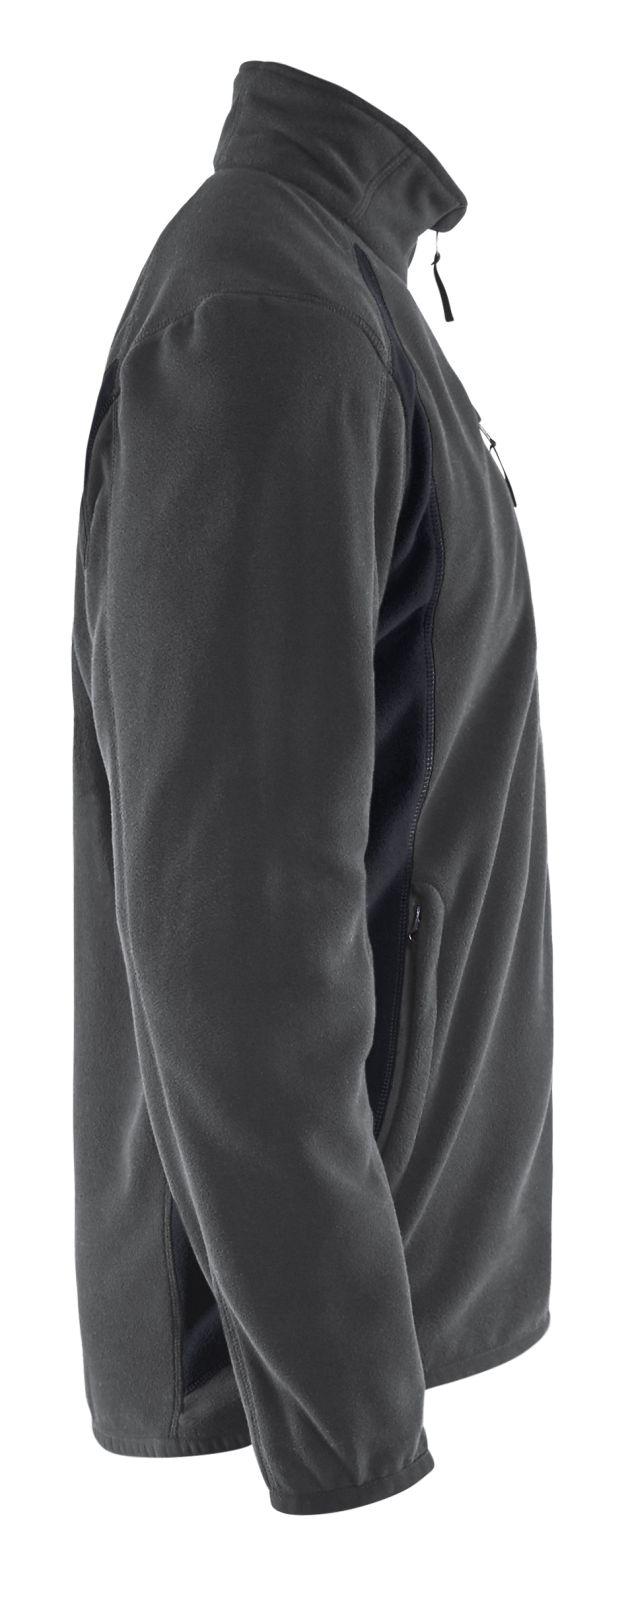 Blaklader Fleece vesten 47302510 donkergrijs-zwart(9899)